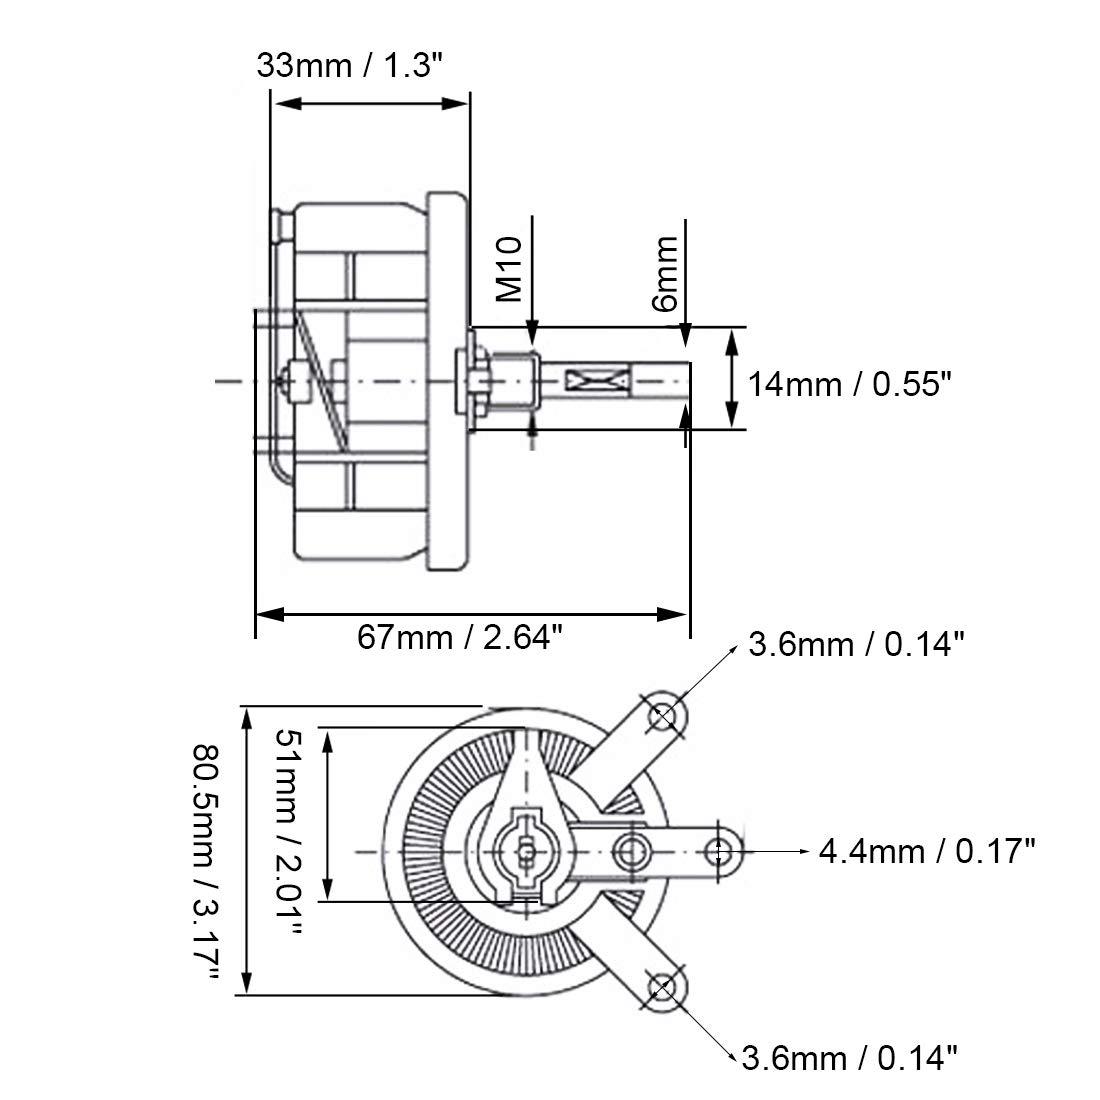 100w 100 Ohm Ceramic Wirewound Potentiometer Rotary Resistor Rheostat Wiring Diagram